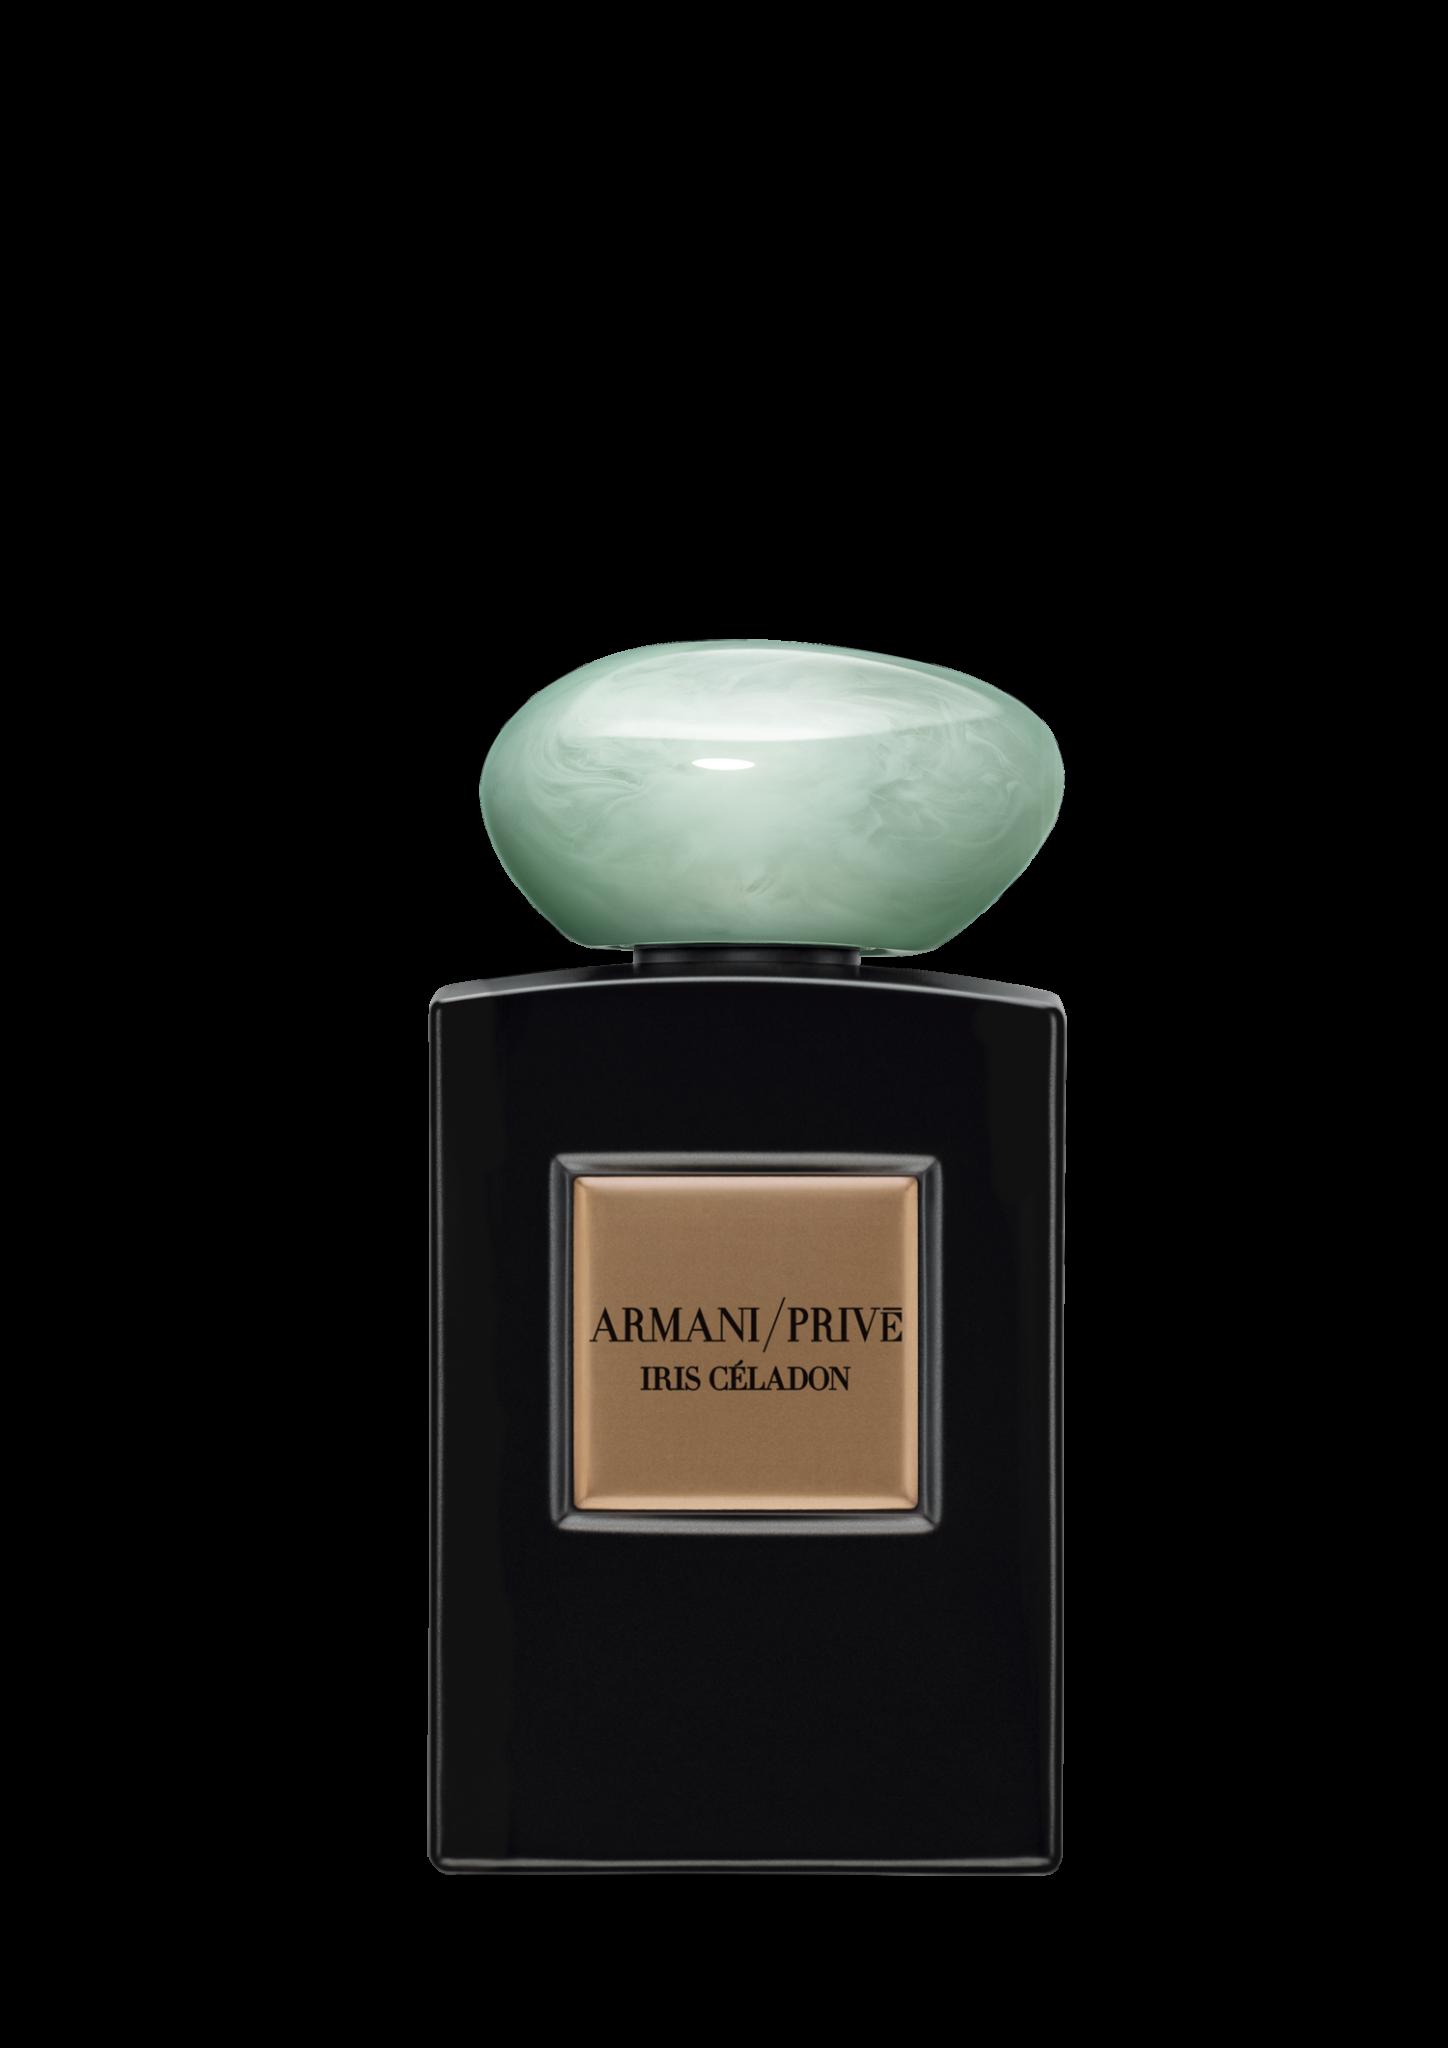 Armani Prive Iris Celadon_Miglior profumo collezione esclusiva grande marca